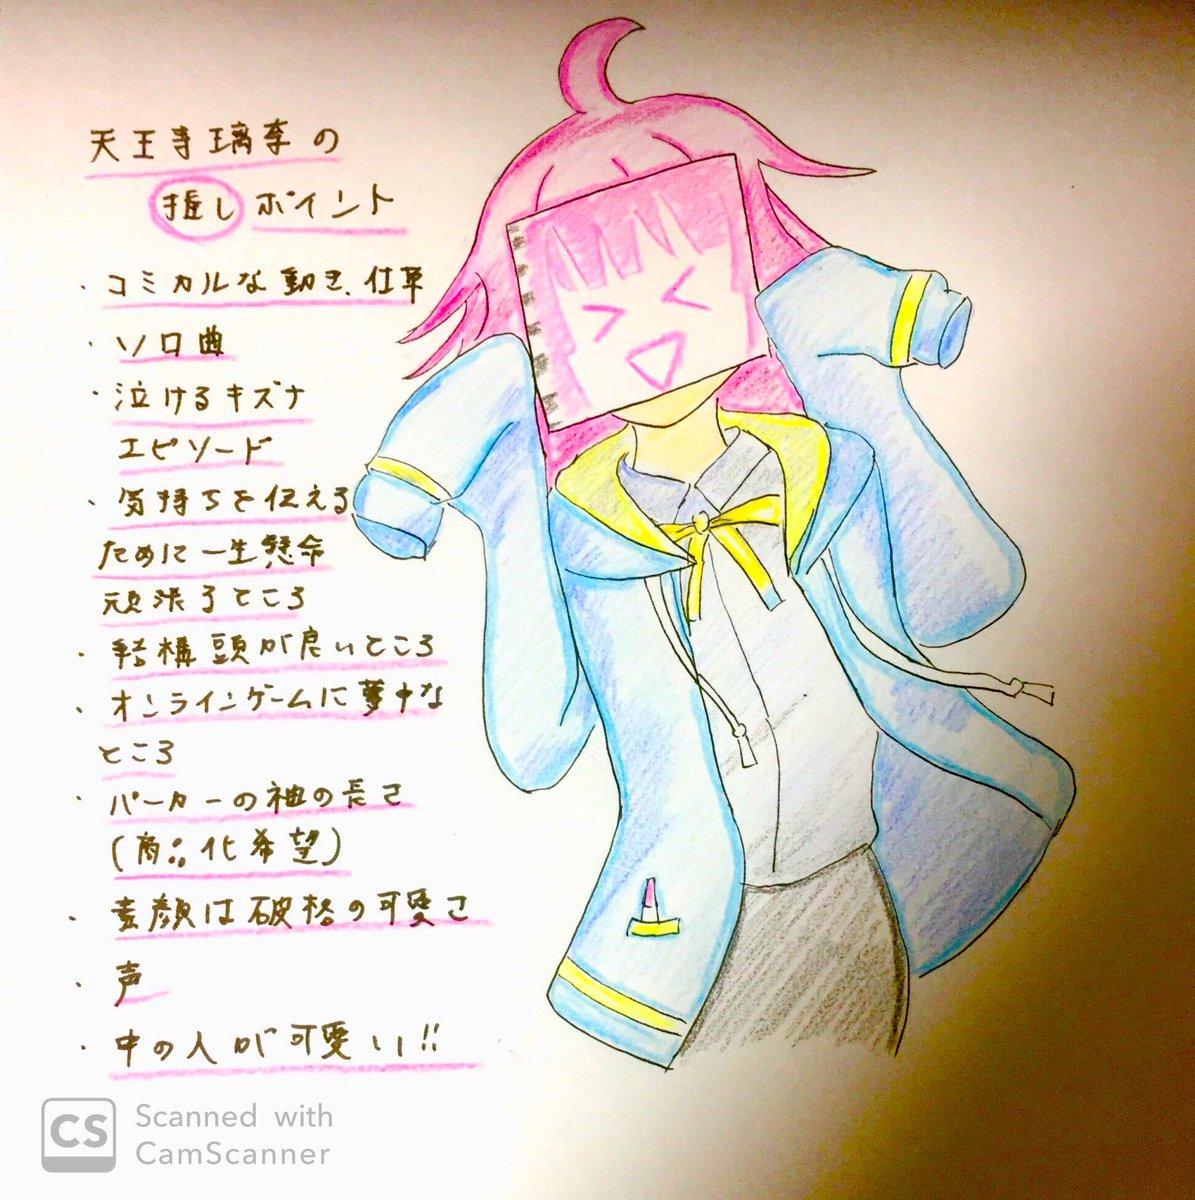 俺の天王寺璃奈を見てくれ!!!  とりあえずここ最近感じている璃奈ちゃんの推しポイントを書き綴ってみました。まあ全部って言ってもいいんですけどね👍  #虹ヶ咲